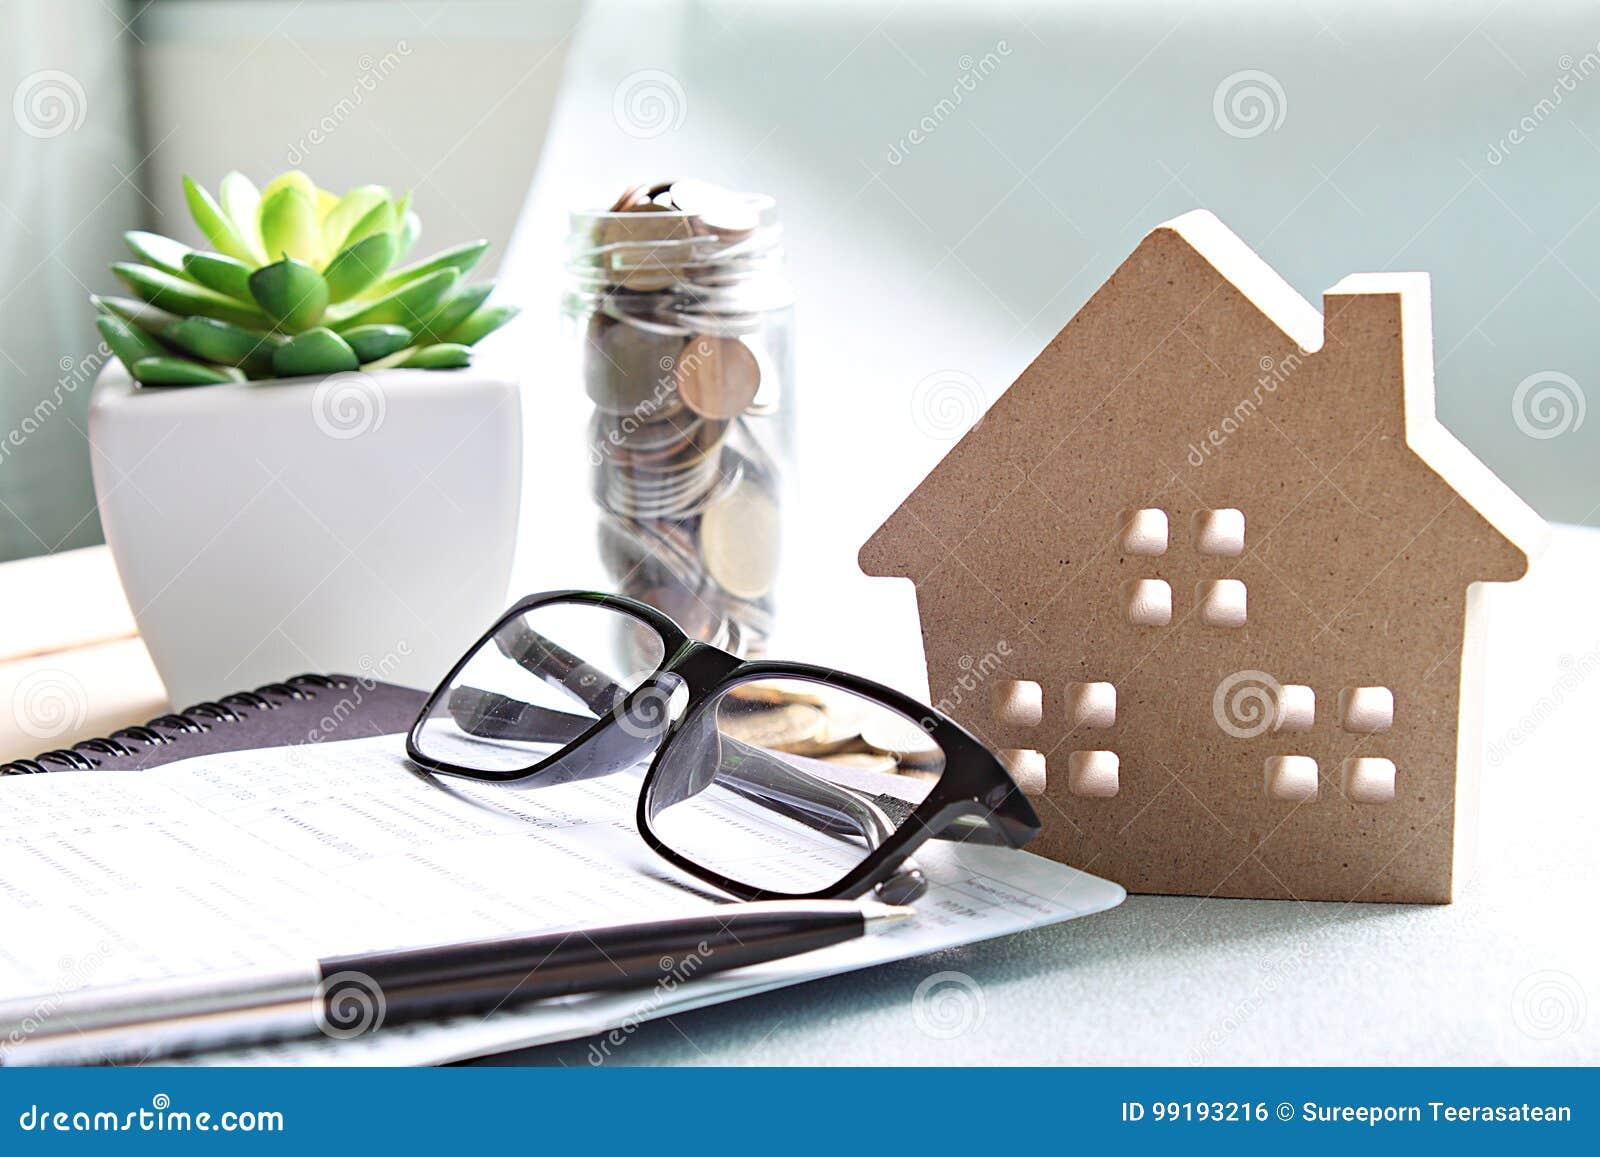 modèle de maison en bois, pièces de monnaie, lunettes et livre de